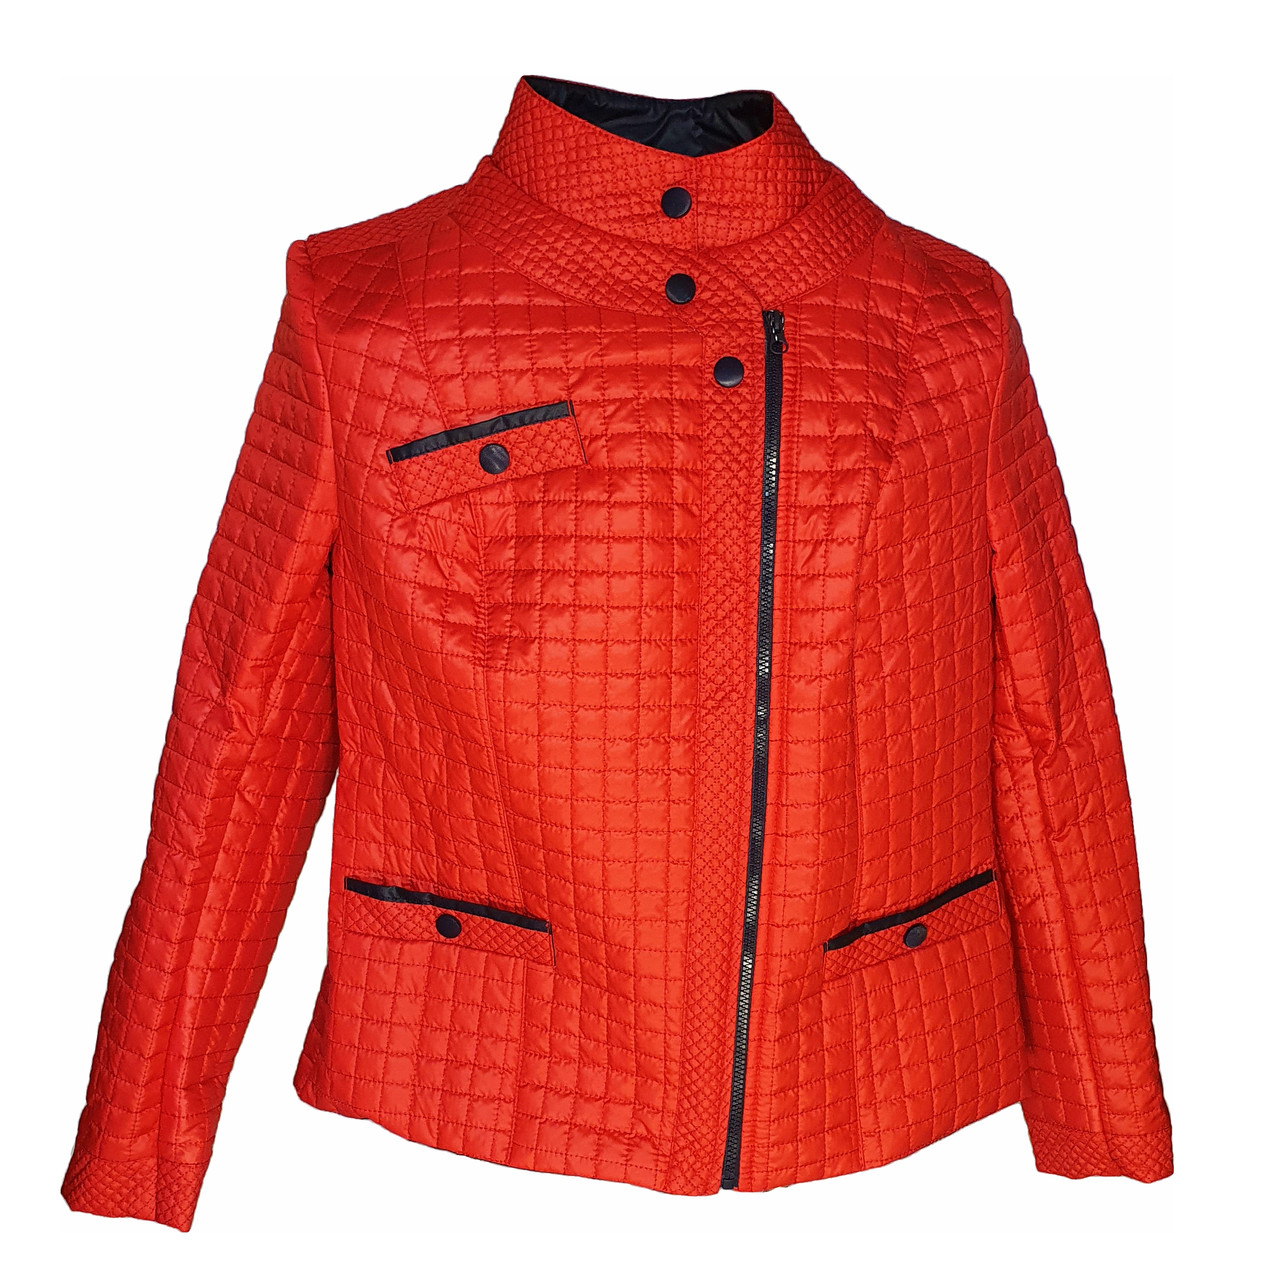 Червона стьобана куртка весна-осінь. Розміри 50-60